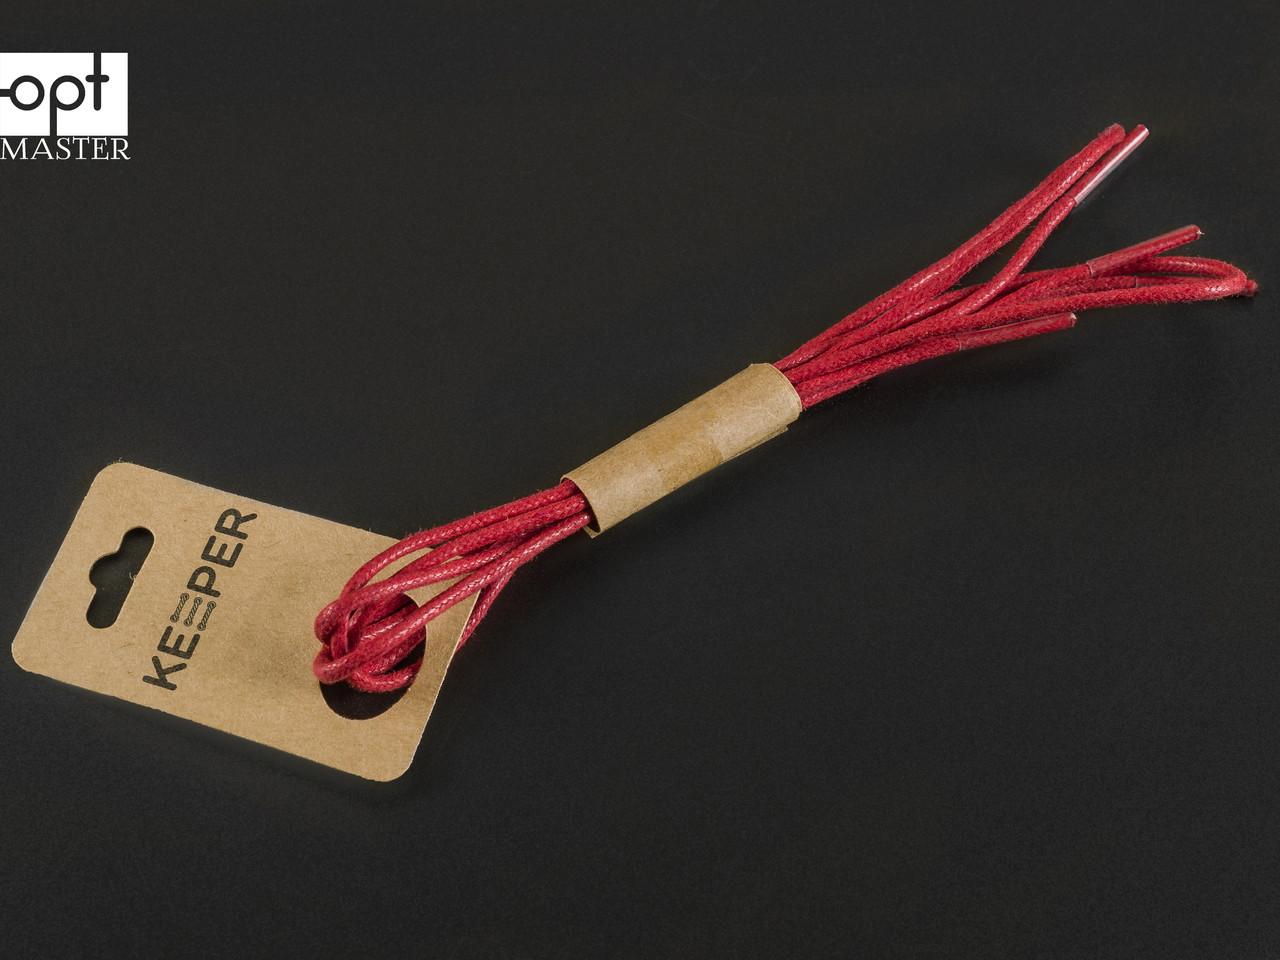 Шнурки (в упаковке) круглые вощеные 2 мм, 90 см, цв. красный